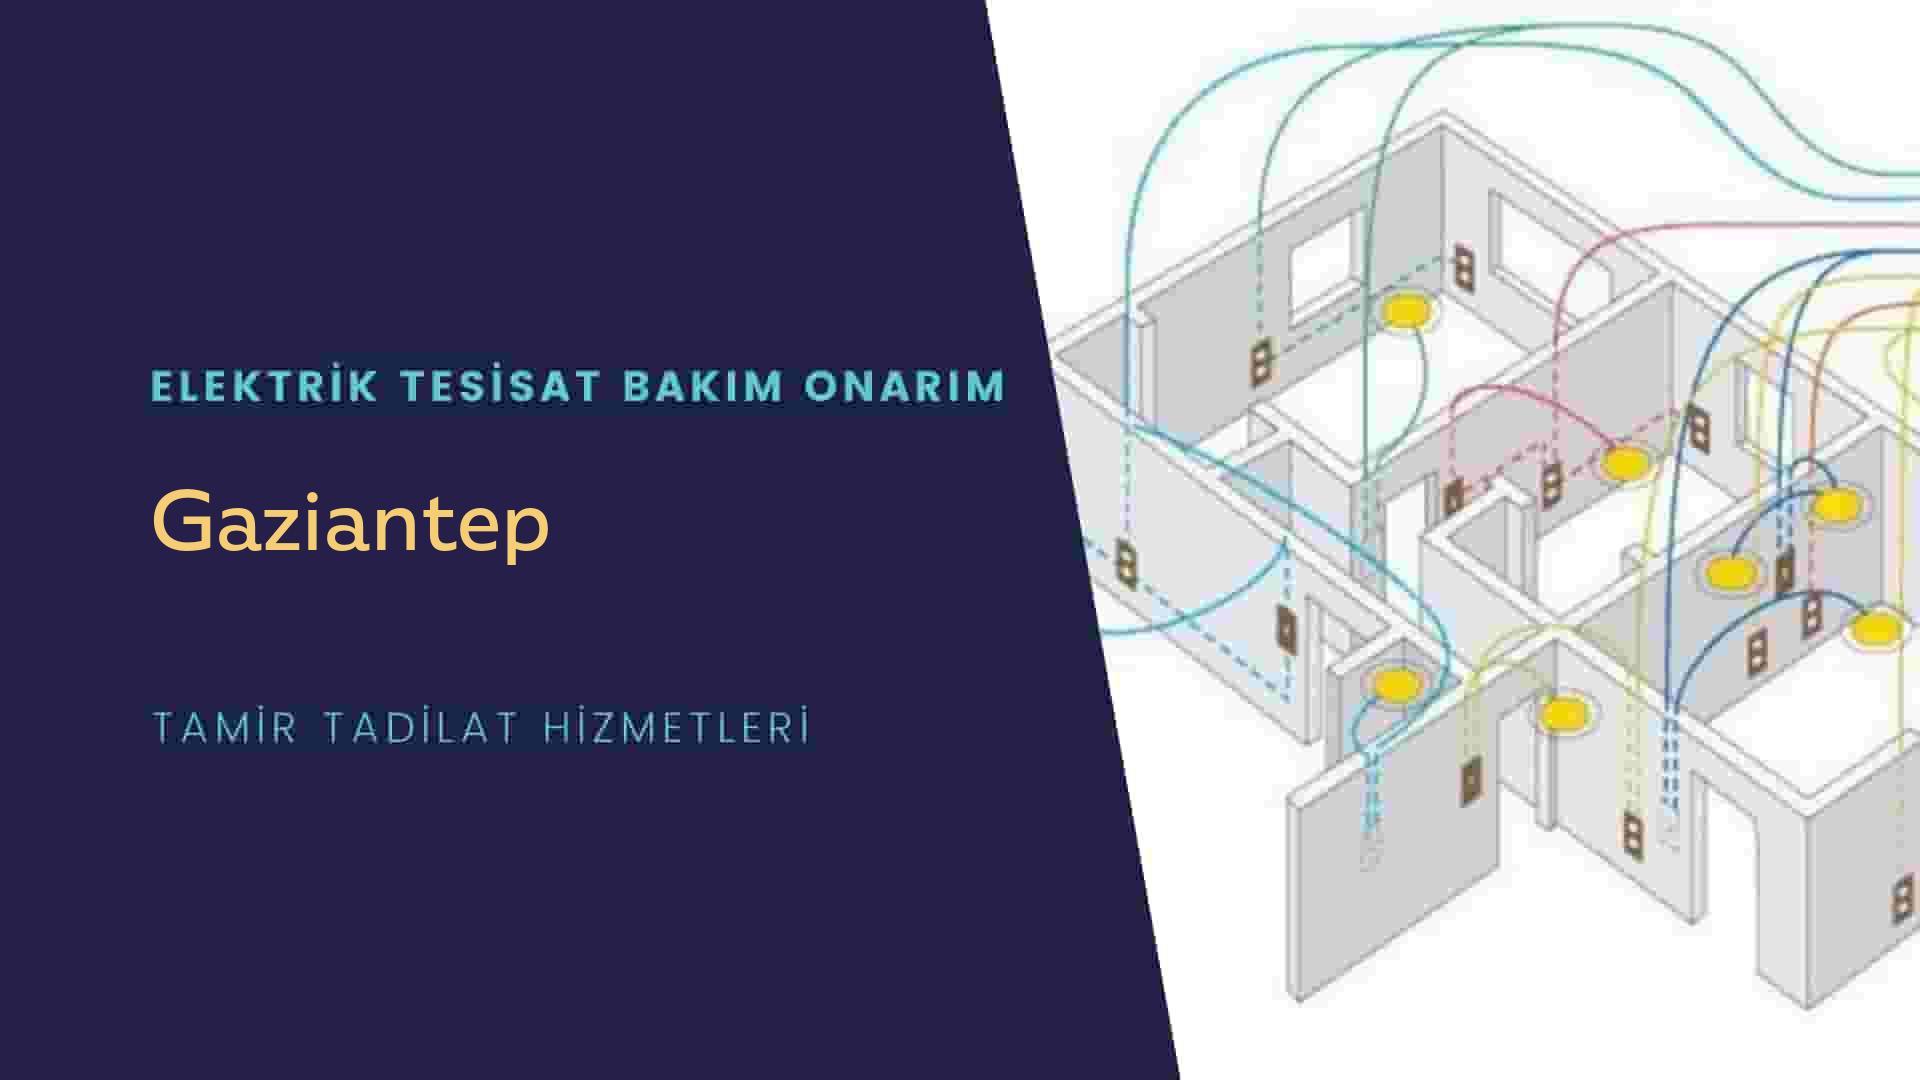 Gaziantep'te elektrik tesisatıustalarımı arıyorsunuz doğru adrestenizi Gaziantep elektrik tesisatı ustalarımız 7/24 sizlere hizmet vermekten mutluluk duyar.